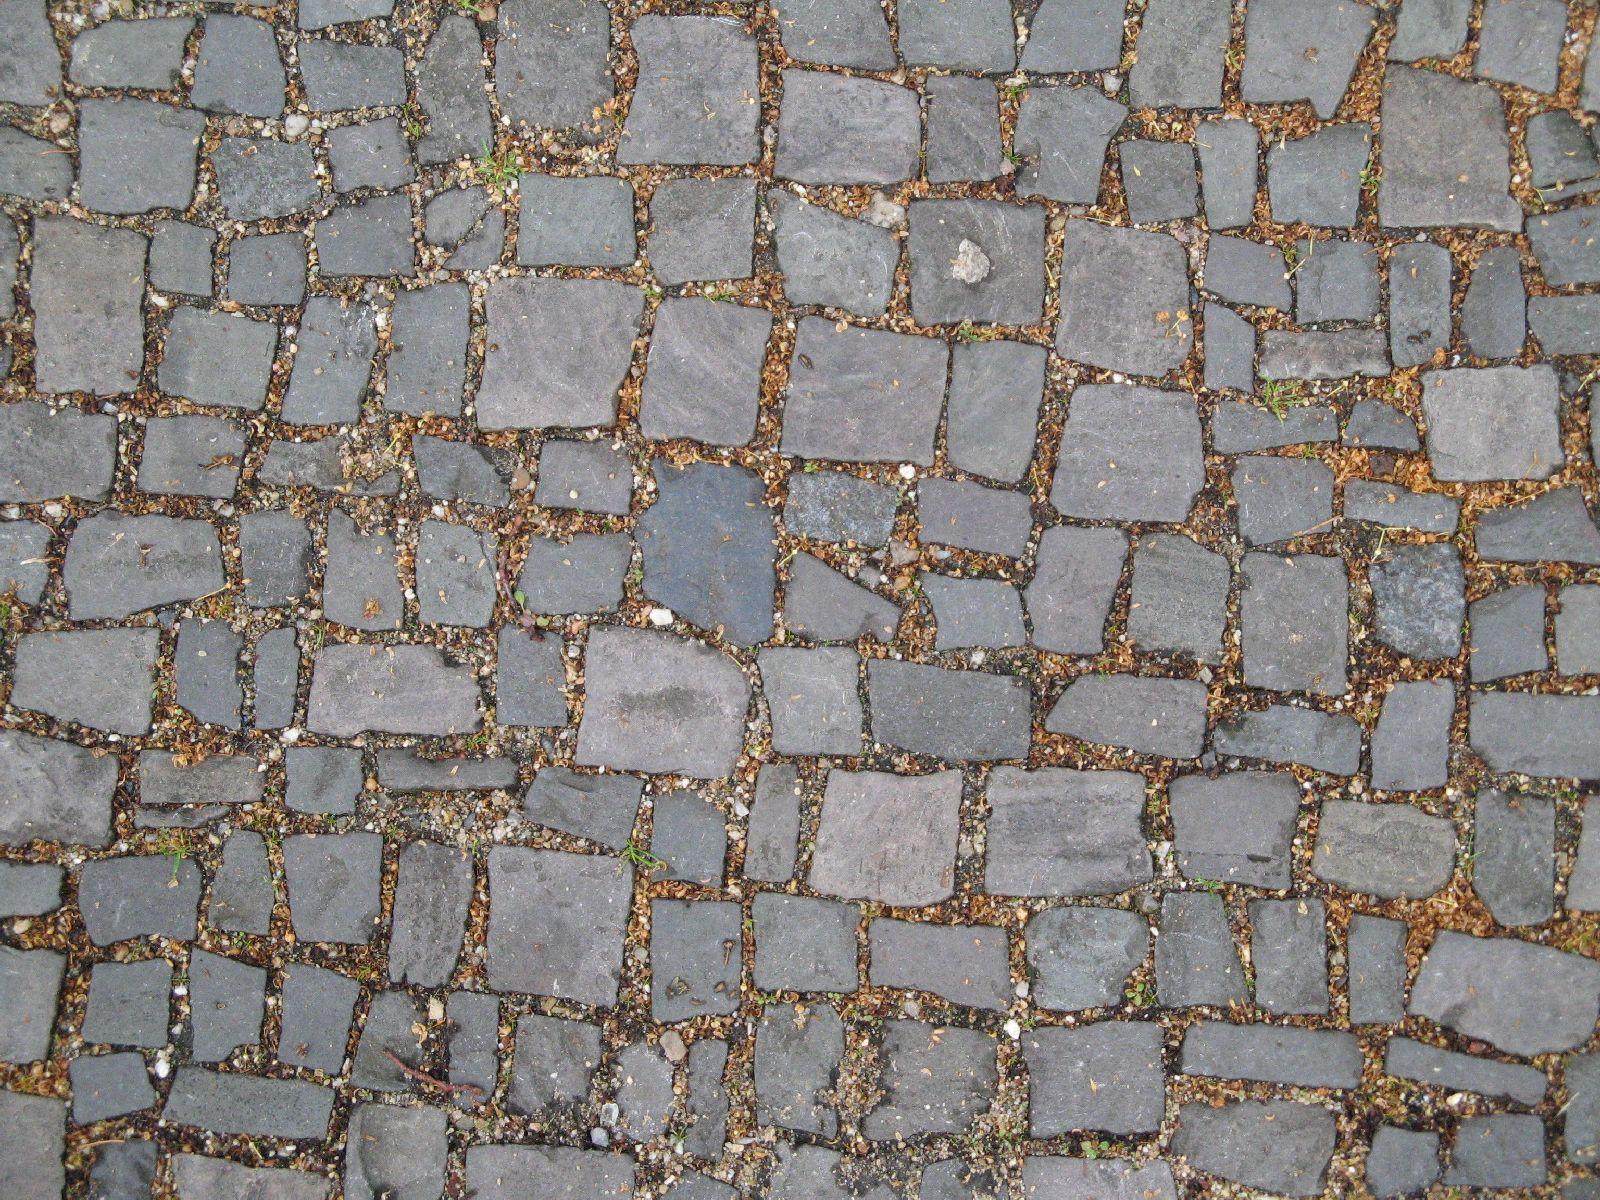 Boden-Gehweg-Strasse-Buergersteig-Textur_B_0497